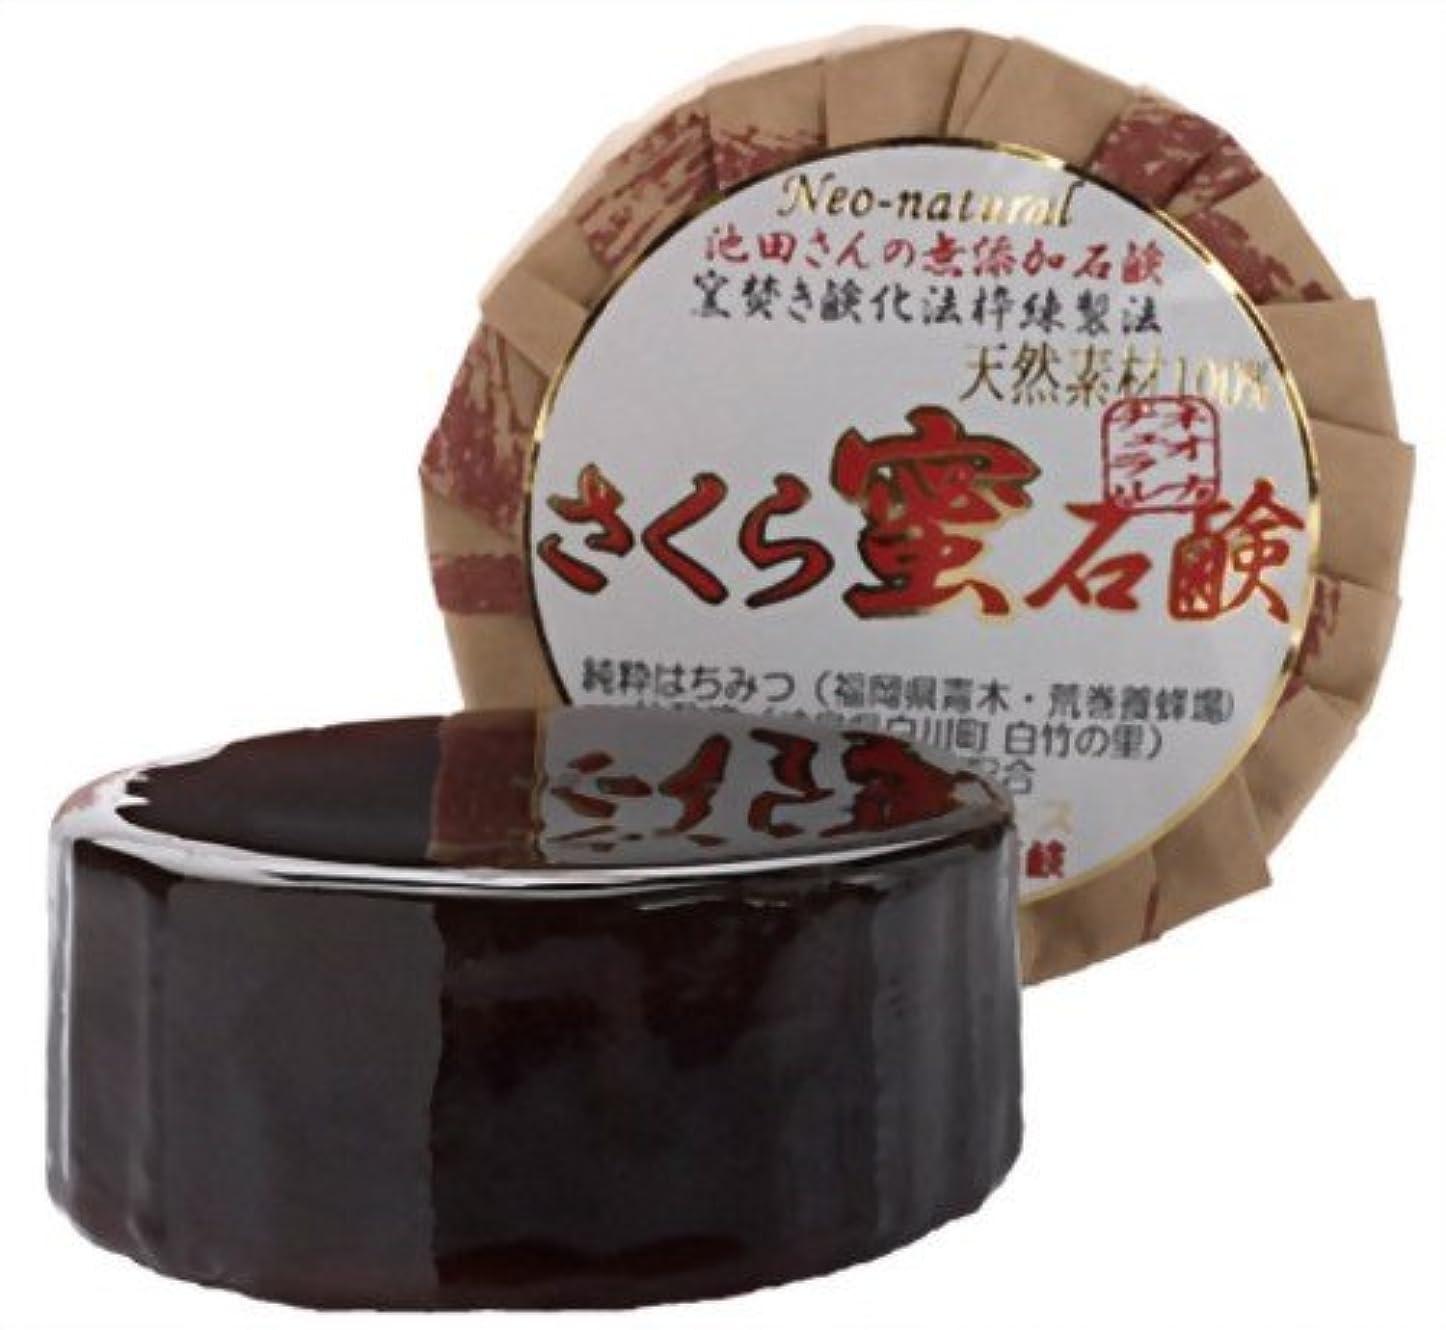 ダルセットアスペクト手配するネオナチュラル 池田さんのさくら蜜石鹸 105g